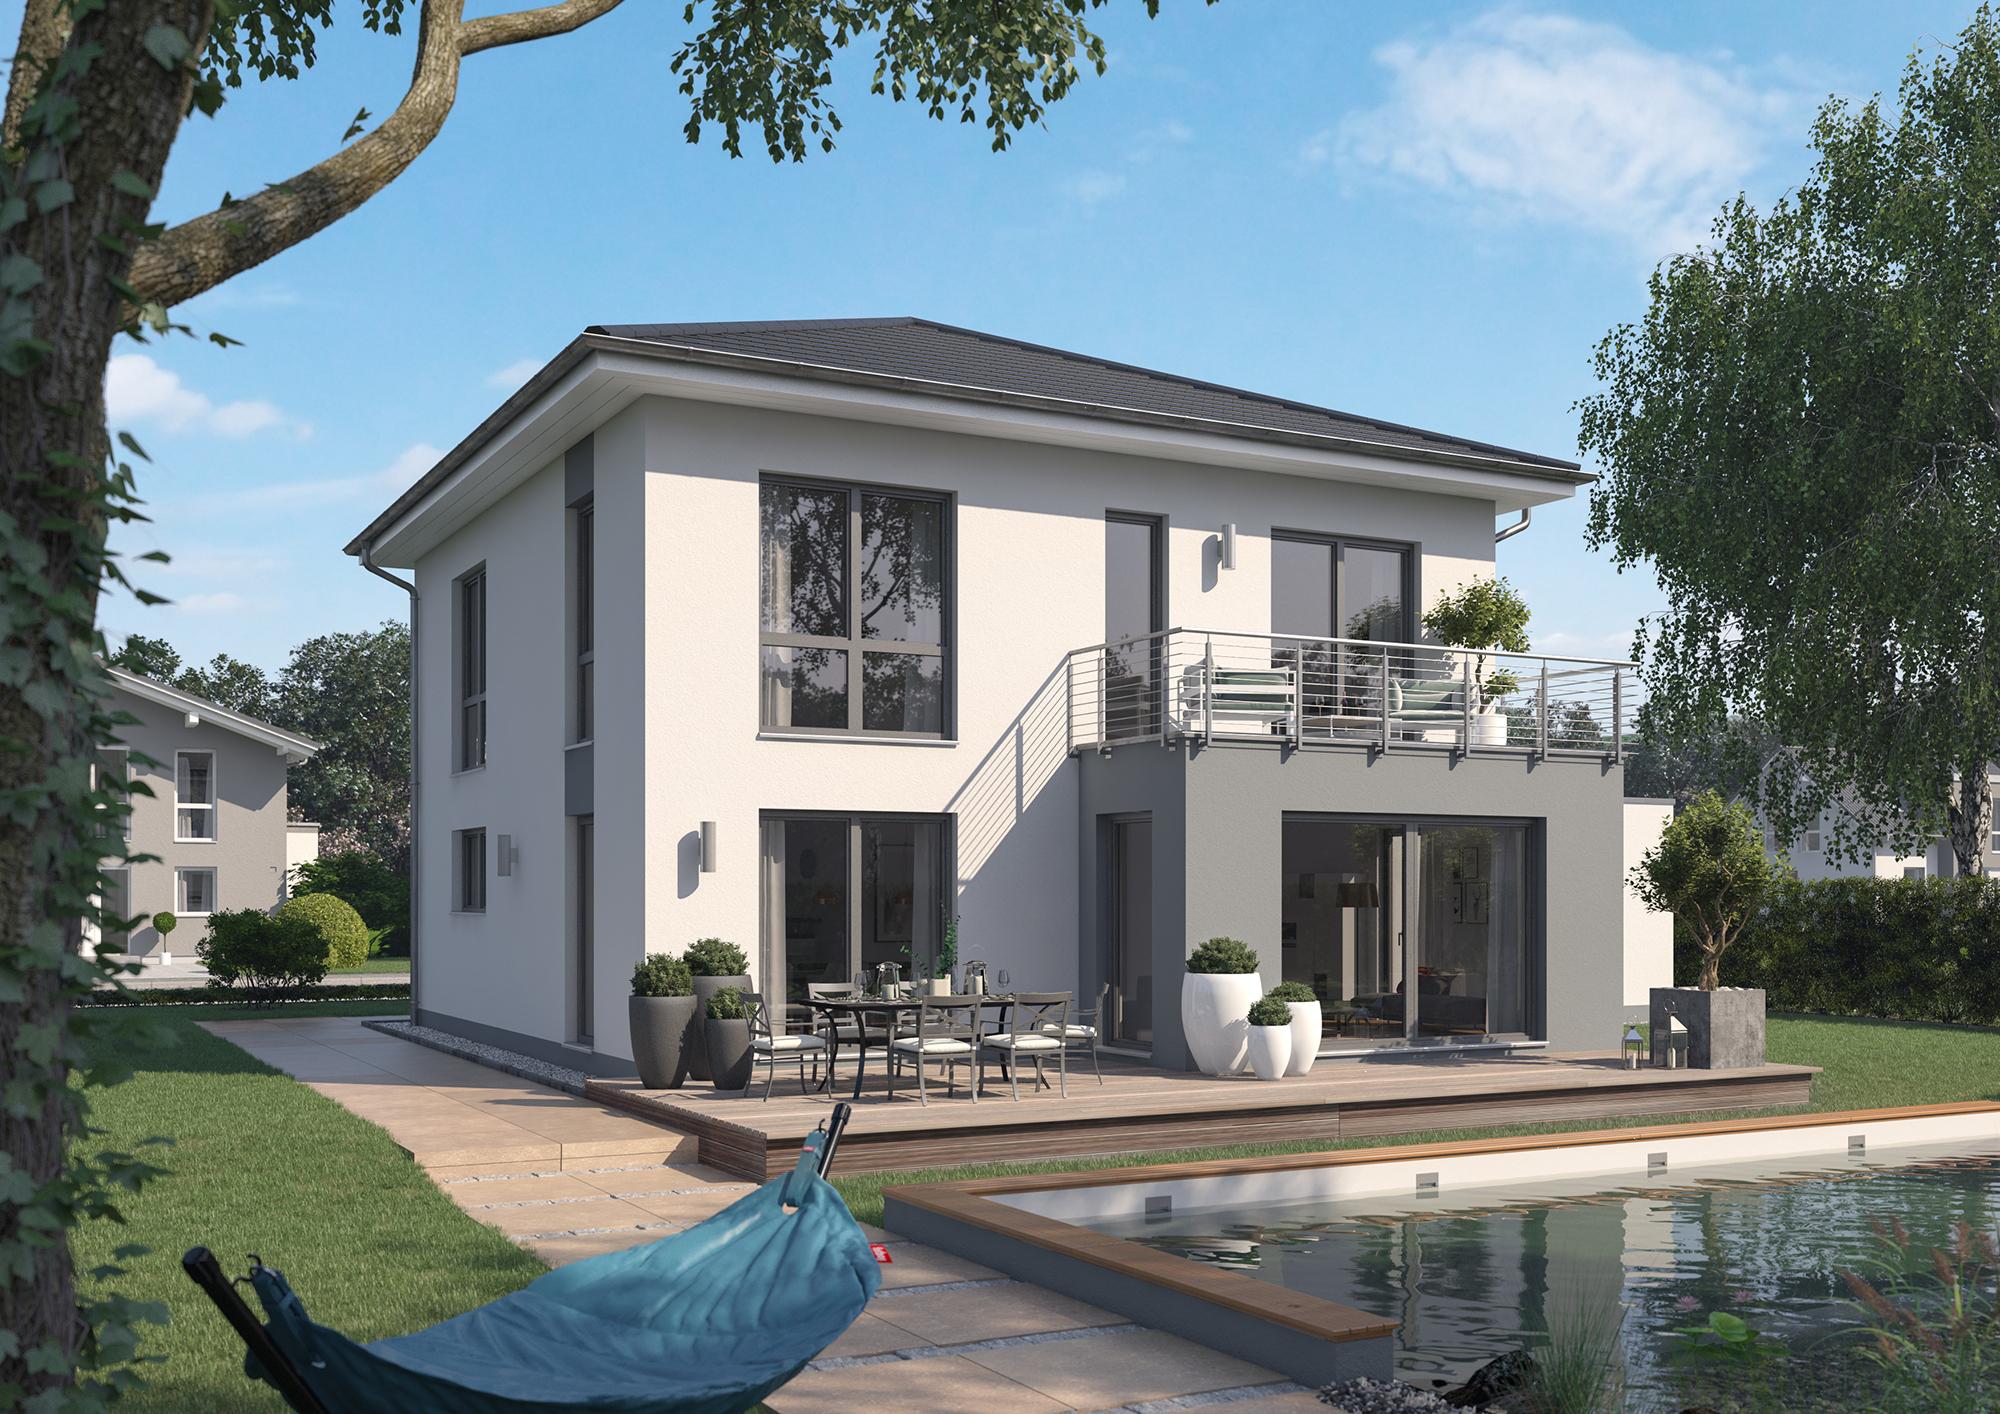 Bemusterungsberater (m/w/d) für Wohnimmobilien als Technisch-Kaufmännische/r Angestellte/r für die Ausstattung von Ein- und Zweifamilienhäusern für die Kern-Haus-Zentrale in Ransbach-Baumbach bei Koblenz